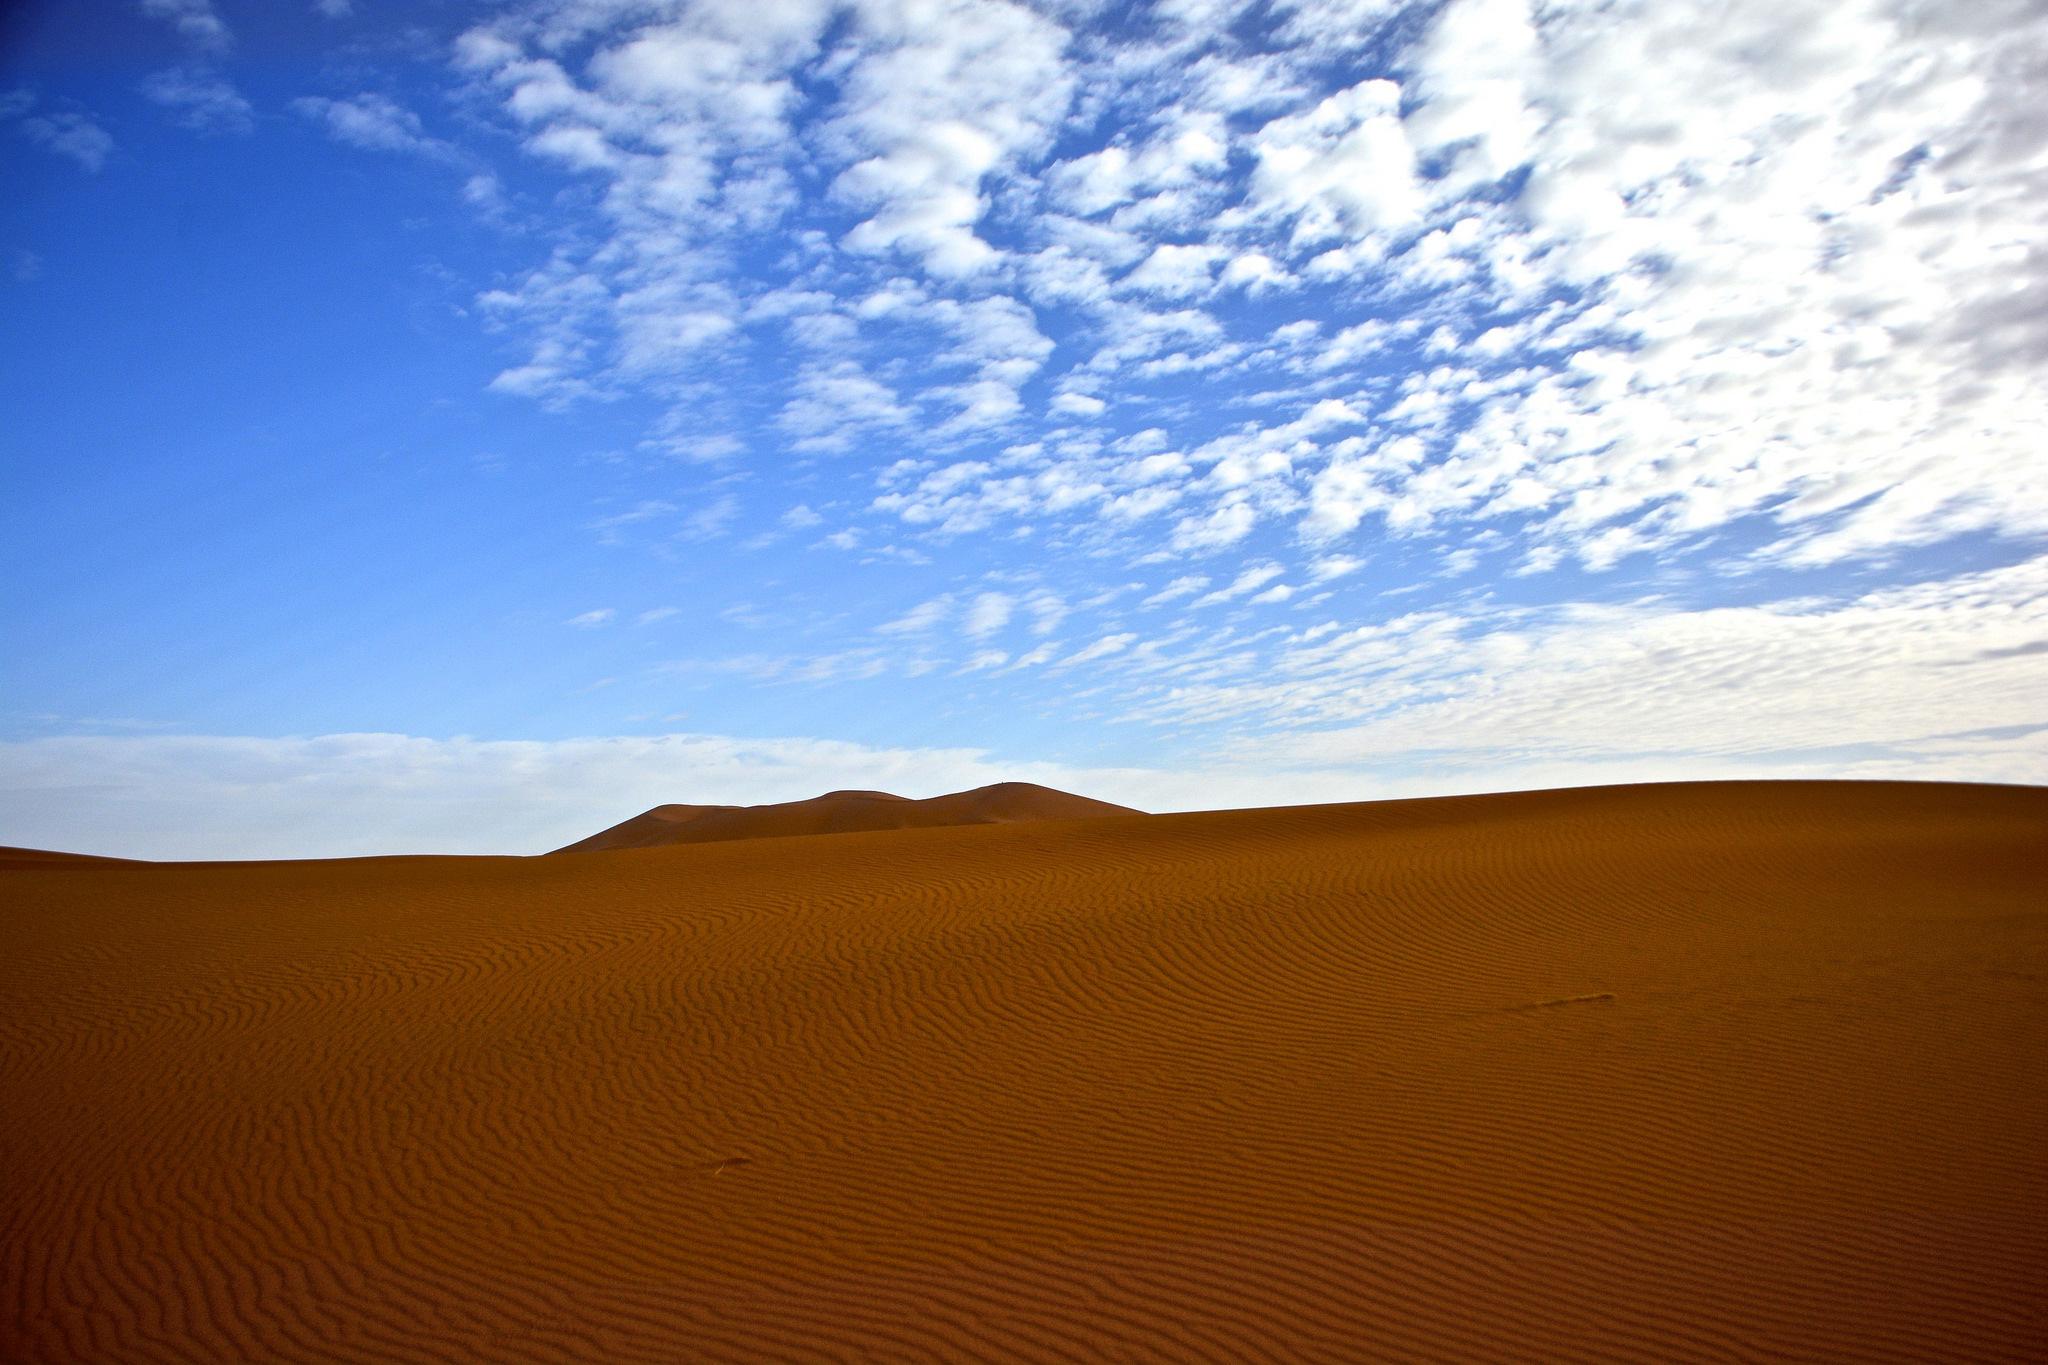 можно картинки небо над пустыней после того, как